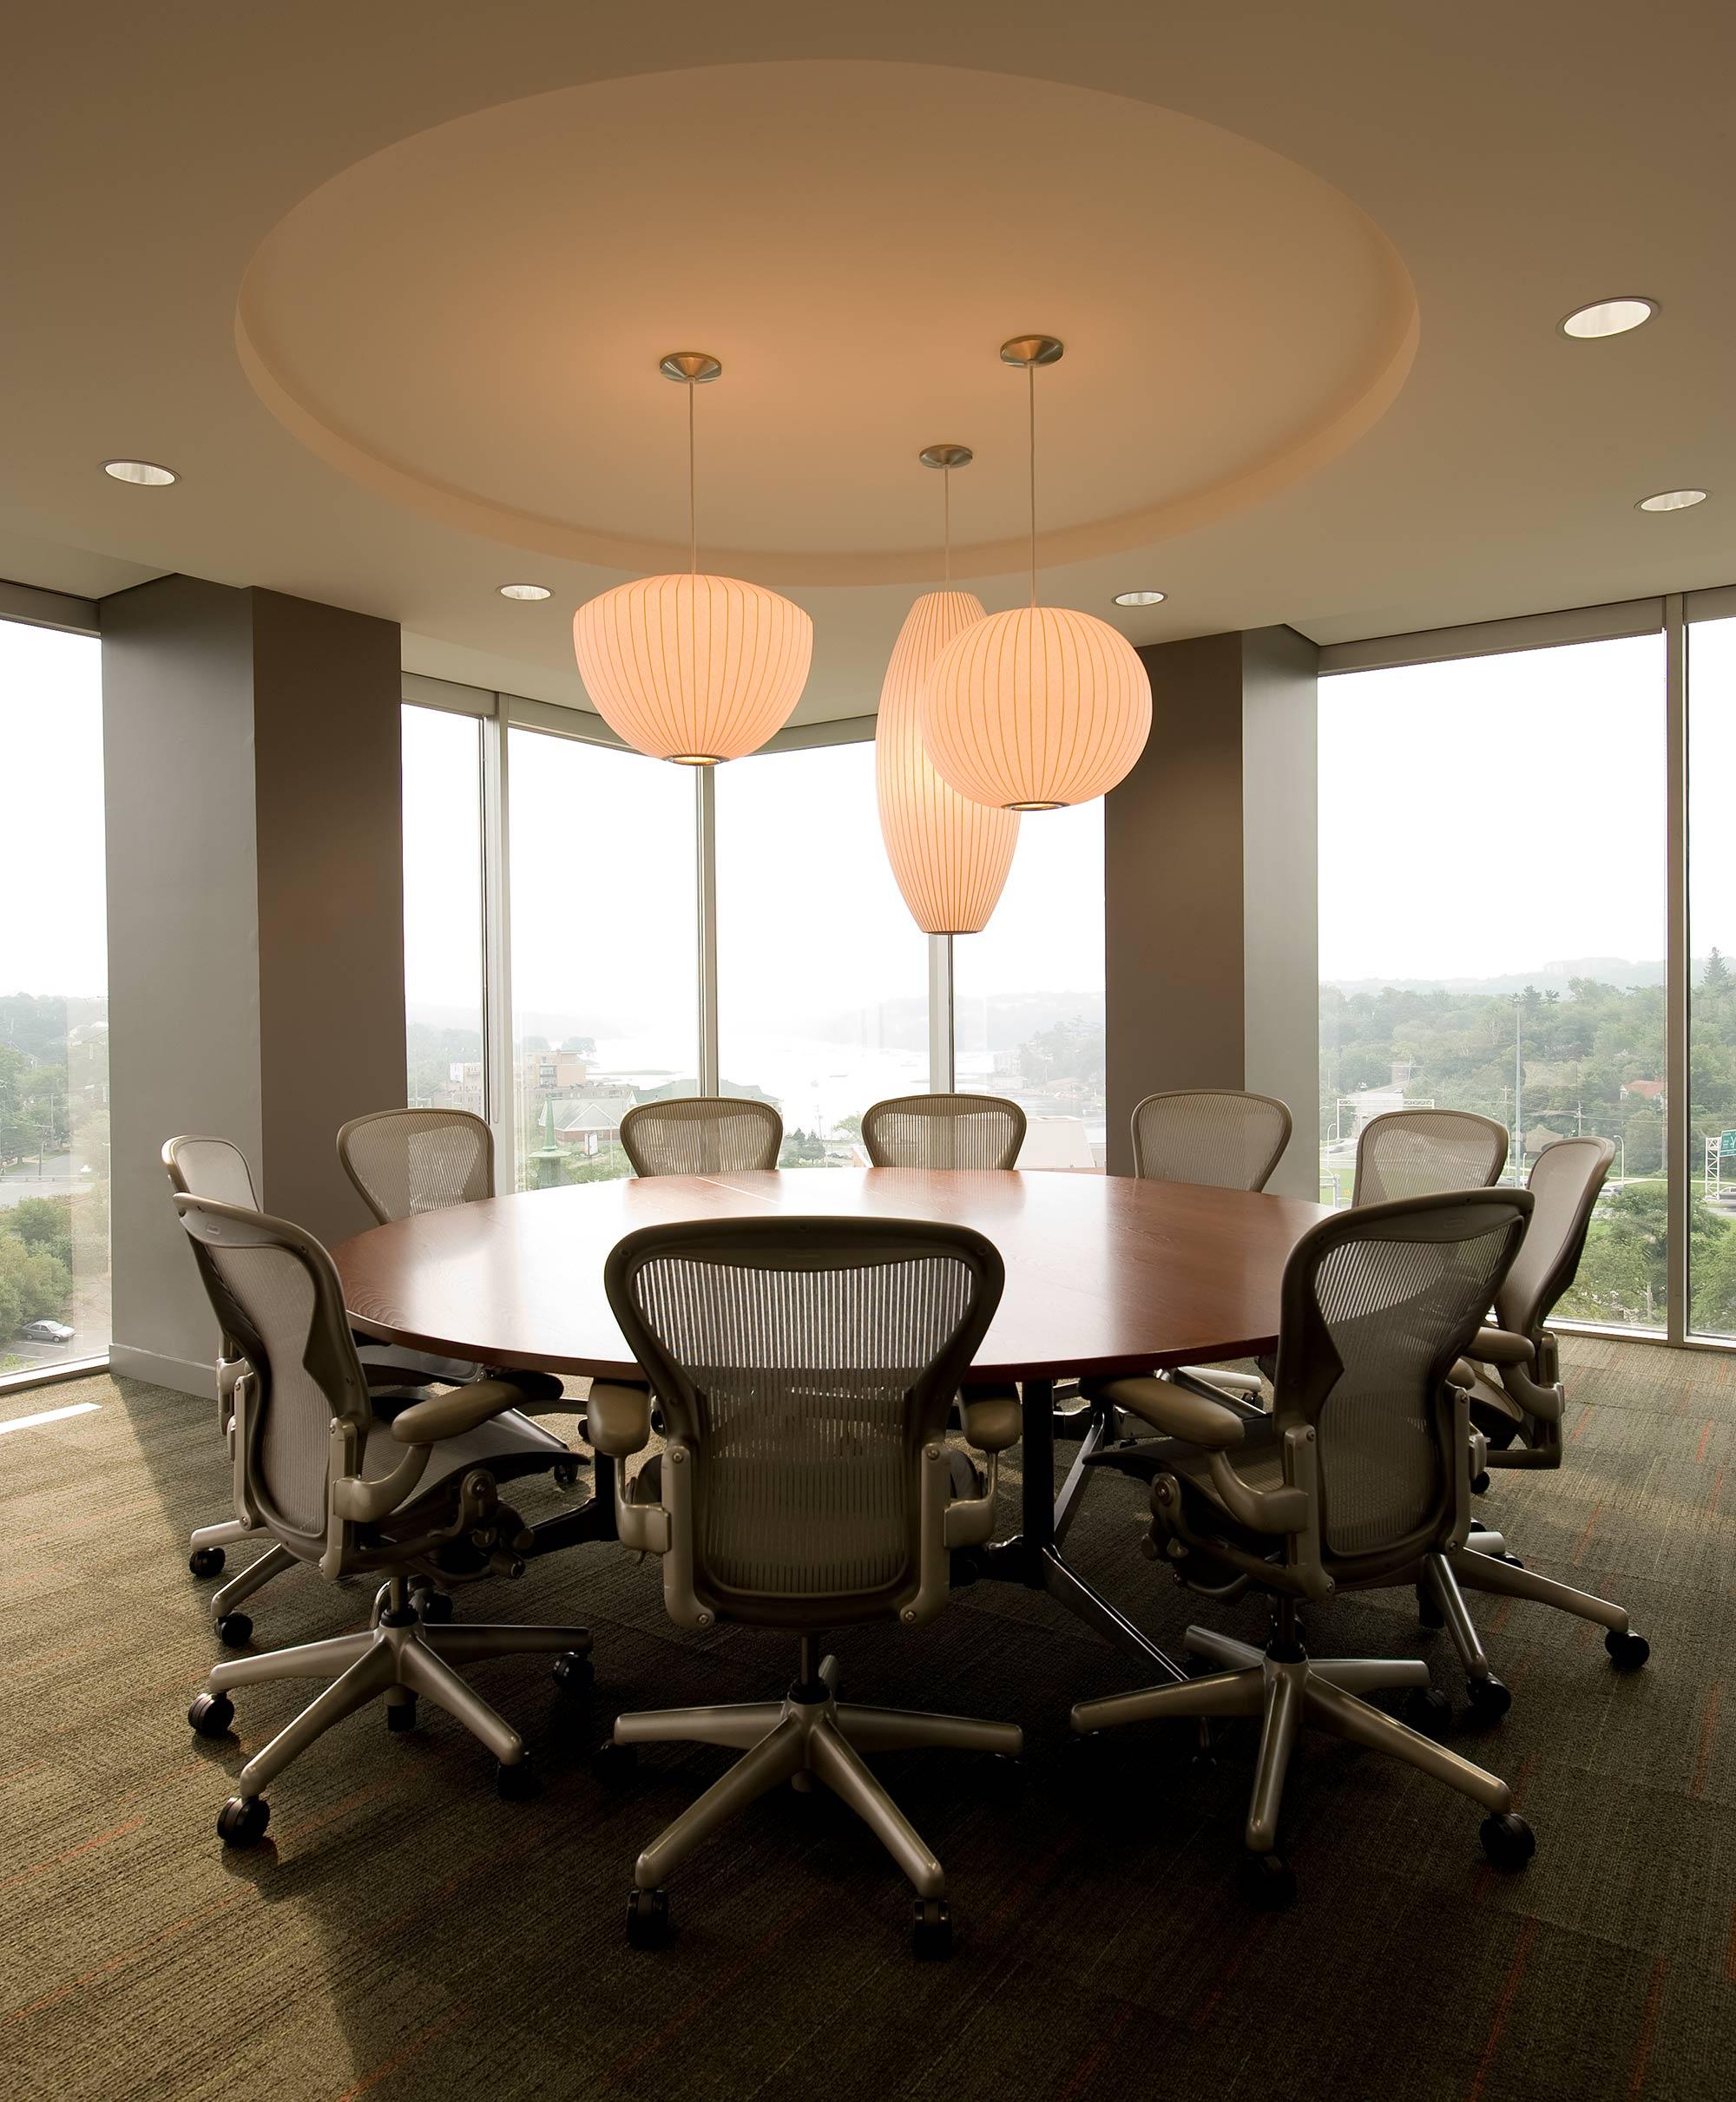 interior-design-media-office-boardroom.jpg